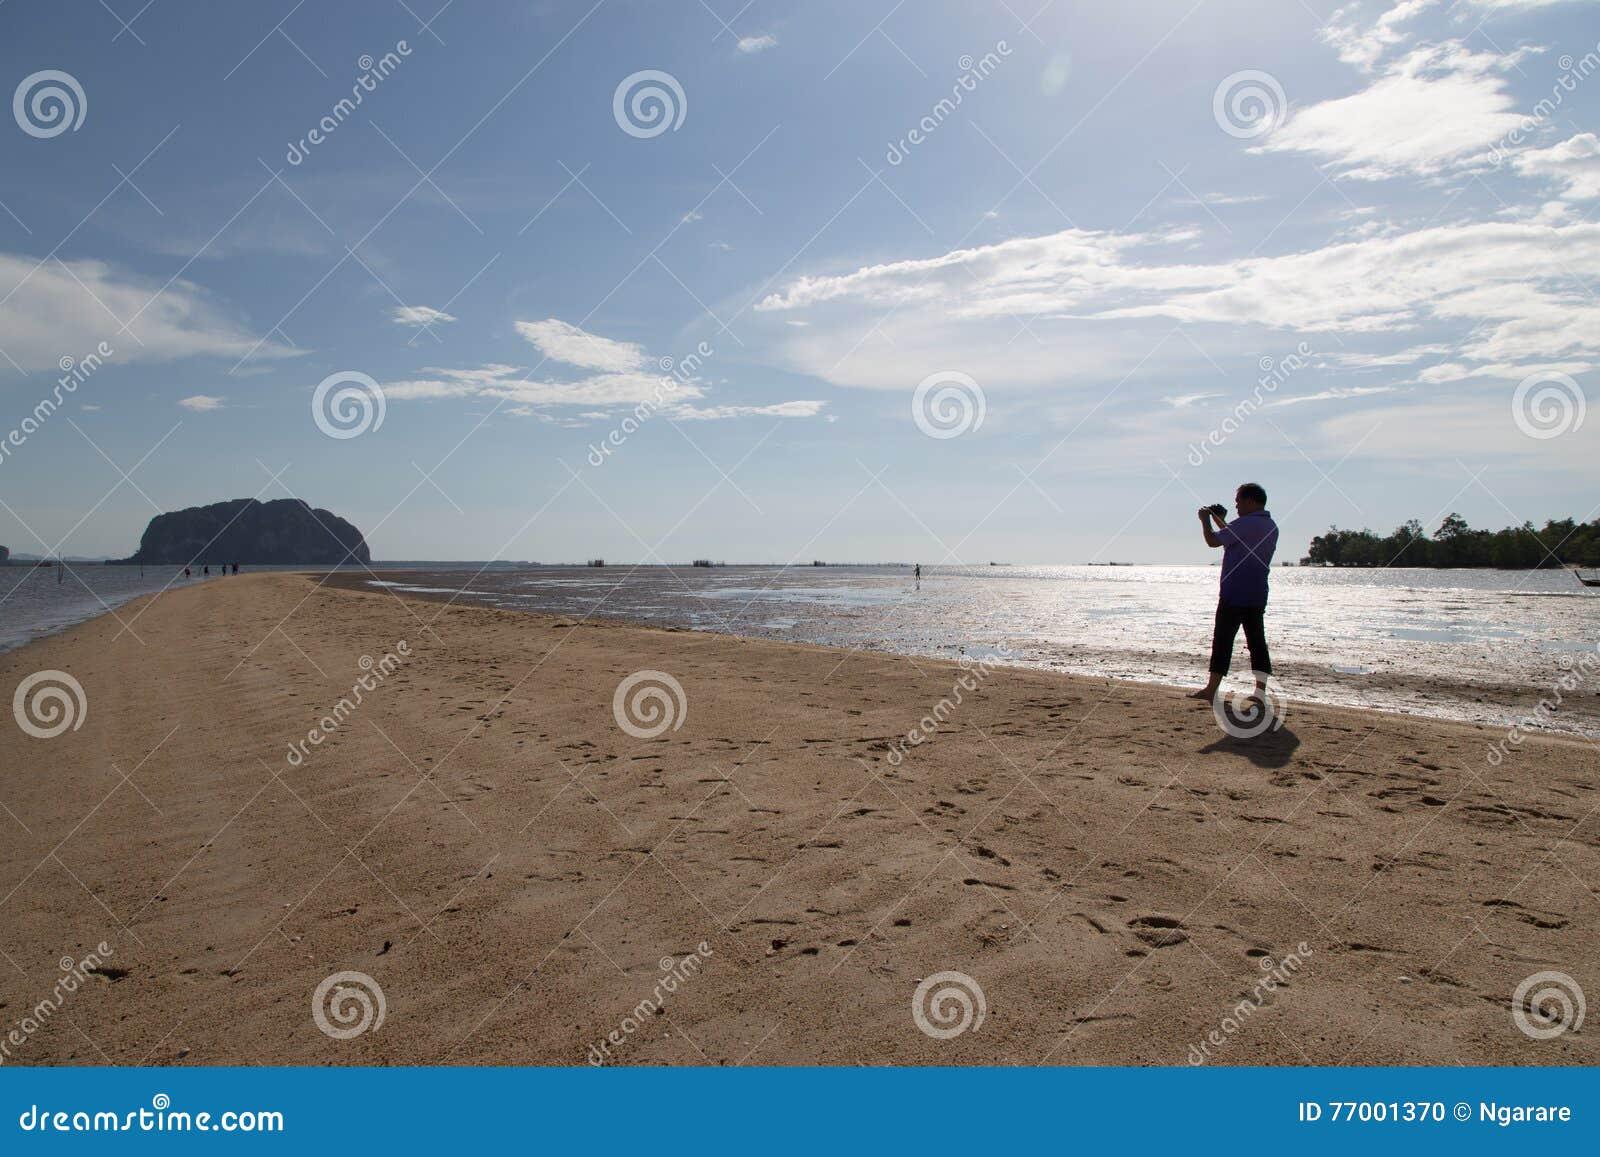 Τηλεοπτική χρυσή παραλία σπονδυλικών στηλών δράκων κλίμακας δημοσιογράφων ειδήσεων σε Palian